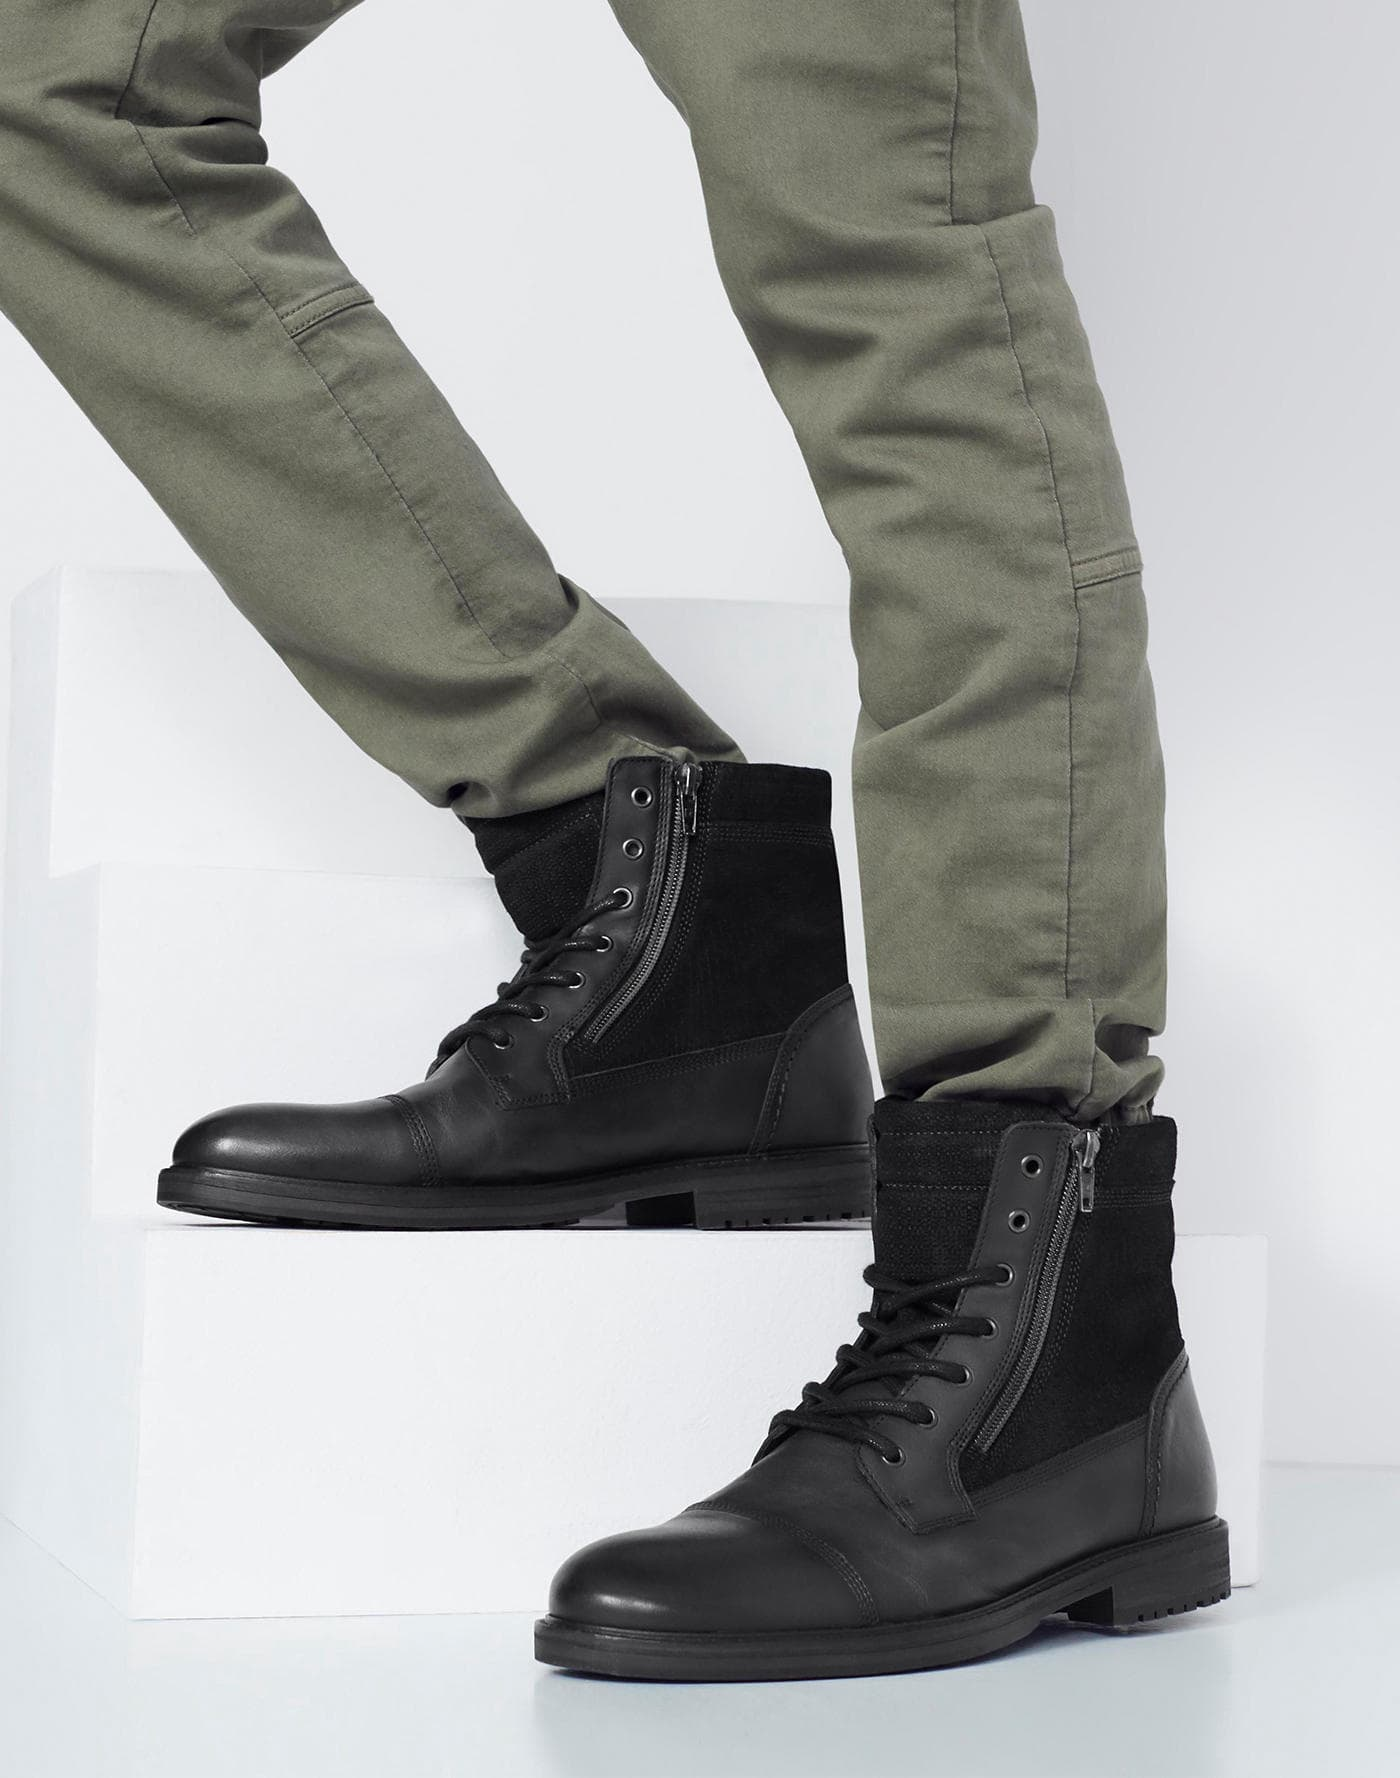 e3a80e189d10 Sale boots for Men | Aldoshoes.com US